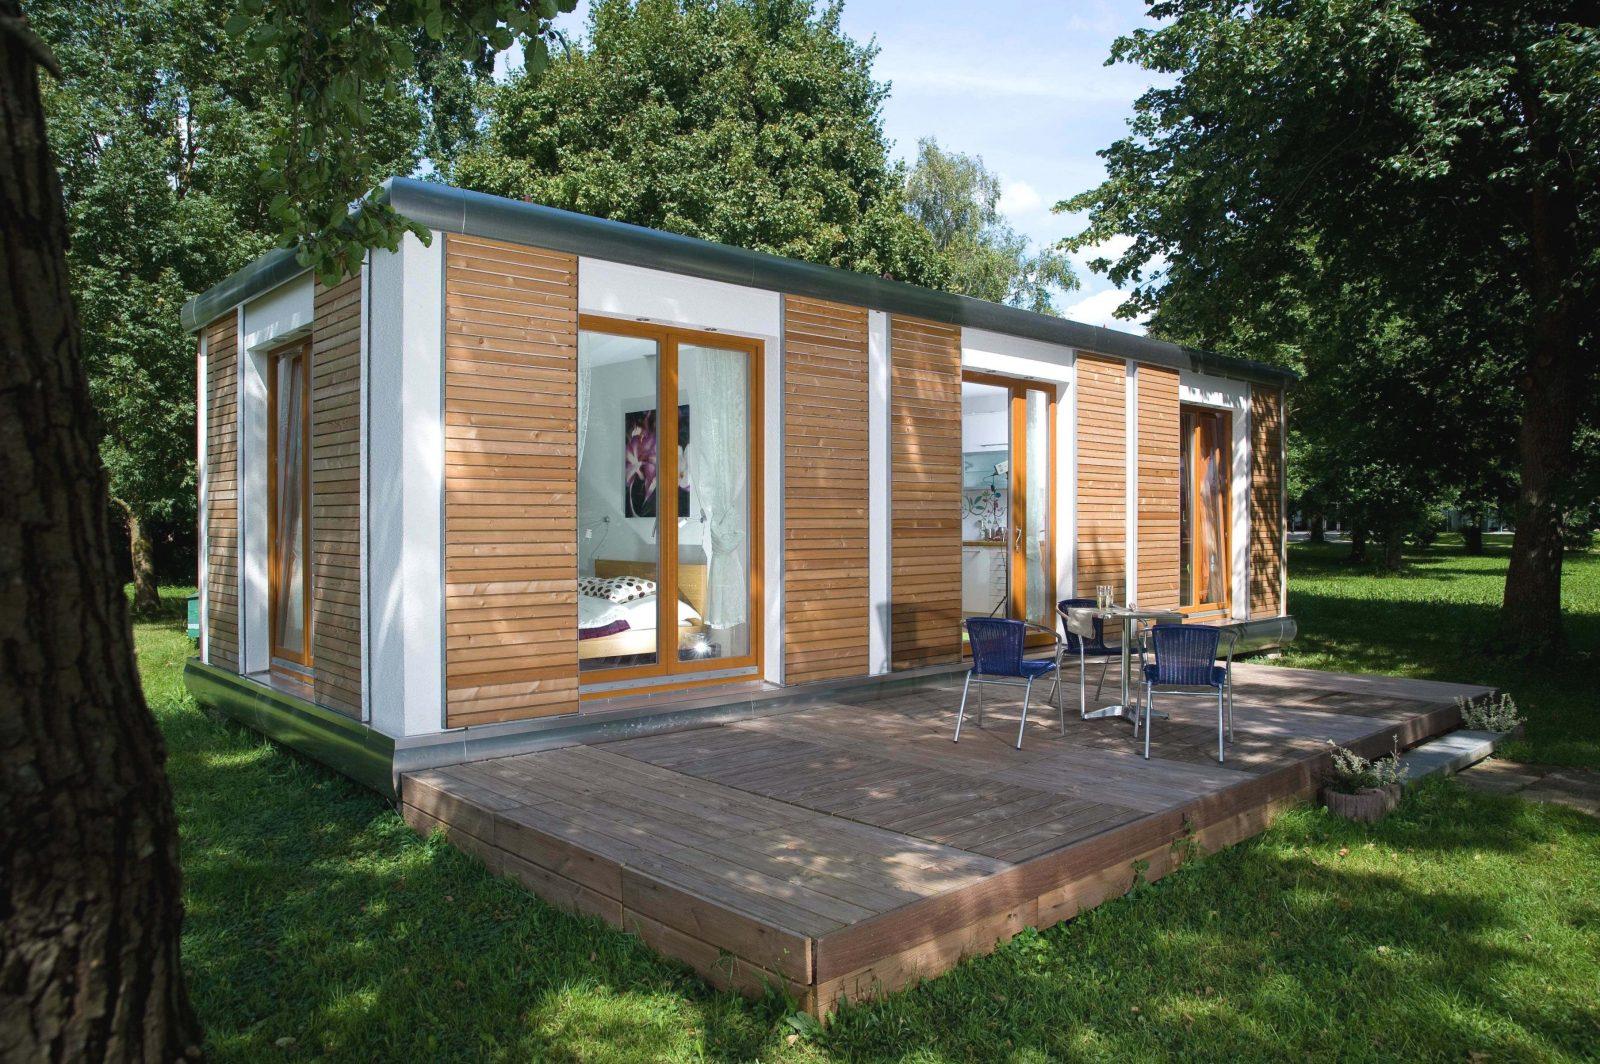 Well Suited Design Kleines Fertighaus Ein Singlehaus Für Zwei Tiny von Kleines Fertighaus Für 2 Personen Bild